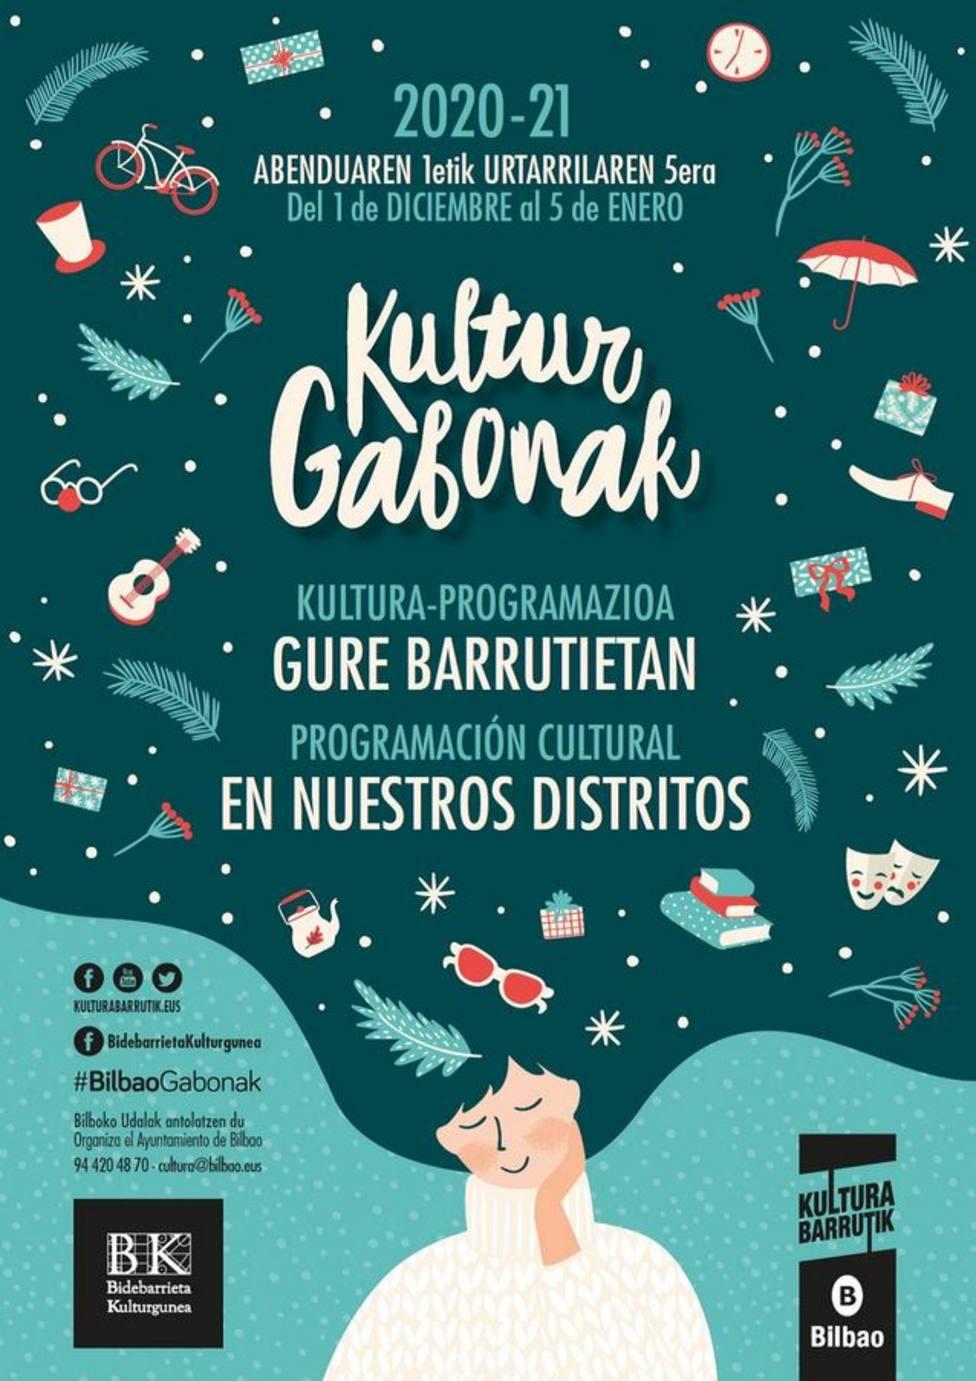 Cartel de la campaña BilbaoGabonak